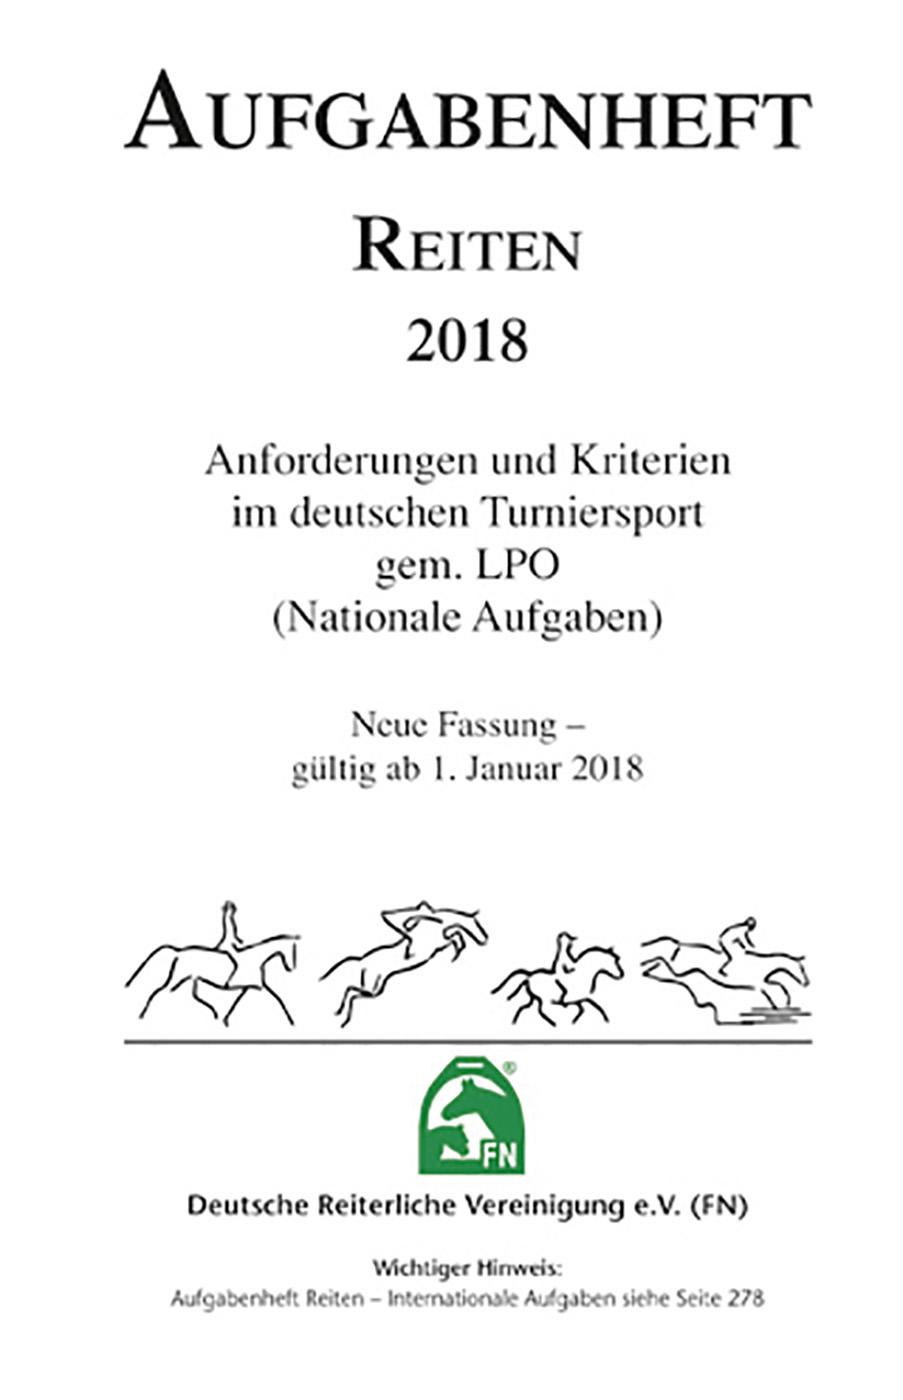 Busse Aufgabenheft 2018 - Reiten - Inhalt (Nat. Aufg.)